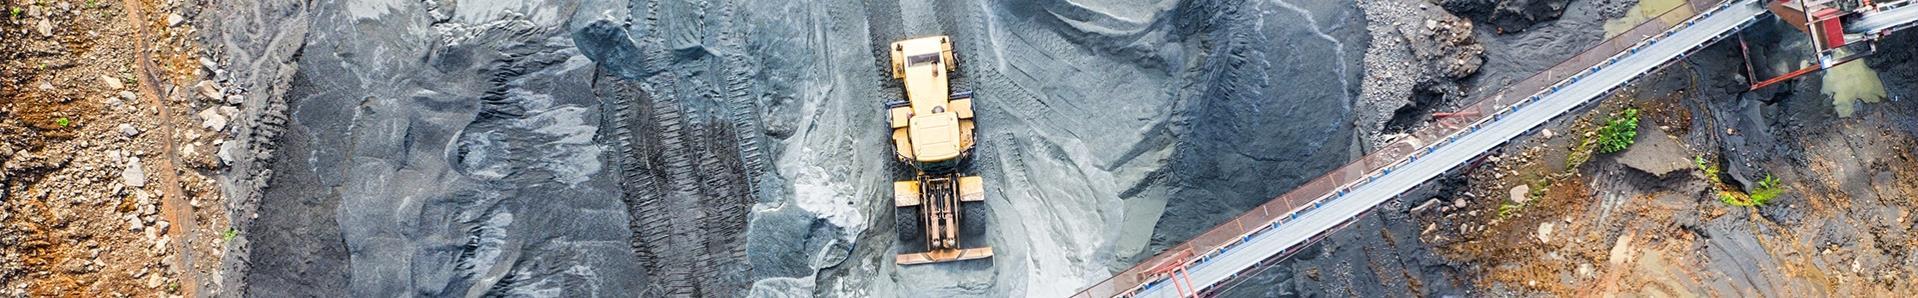 Boksit Maden İşletmelerimiz